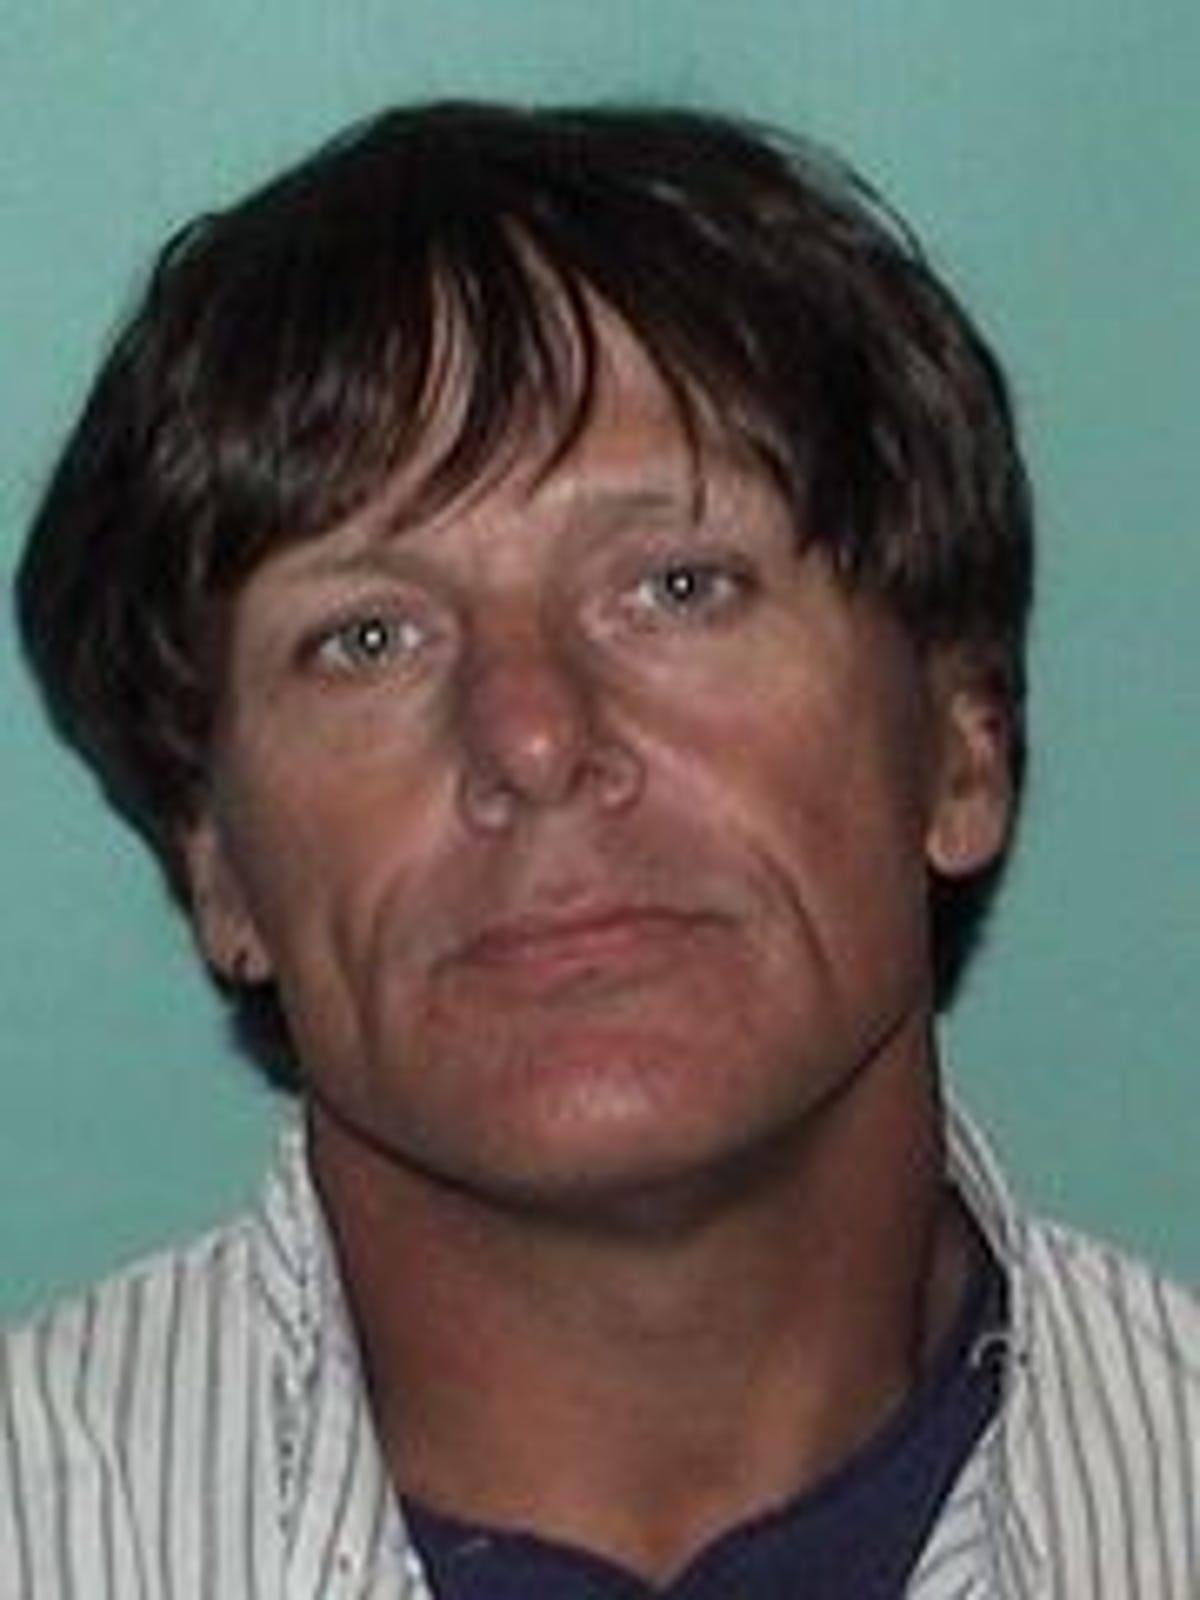 Six meth ring fugitives still at large